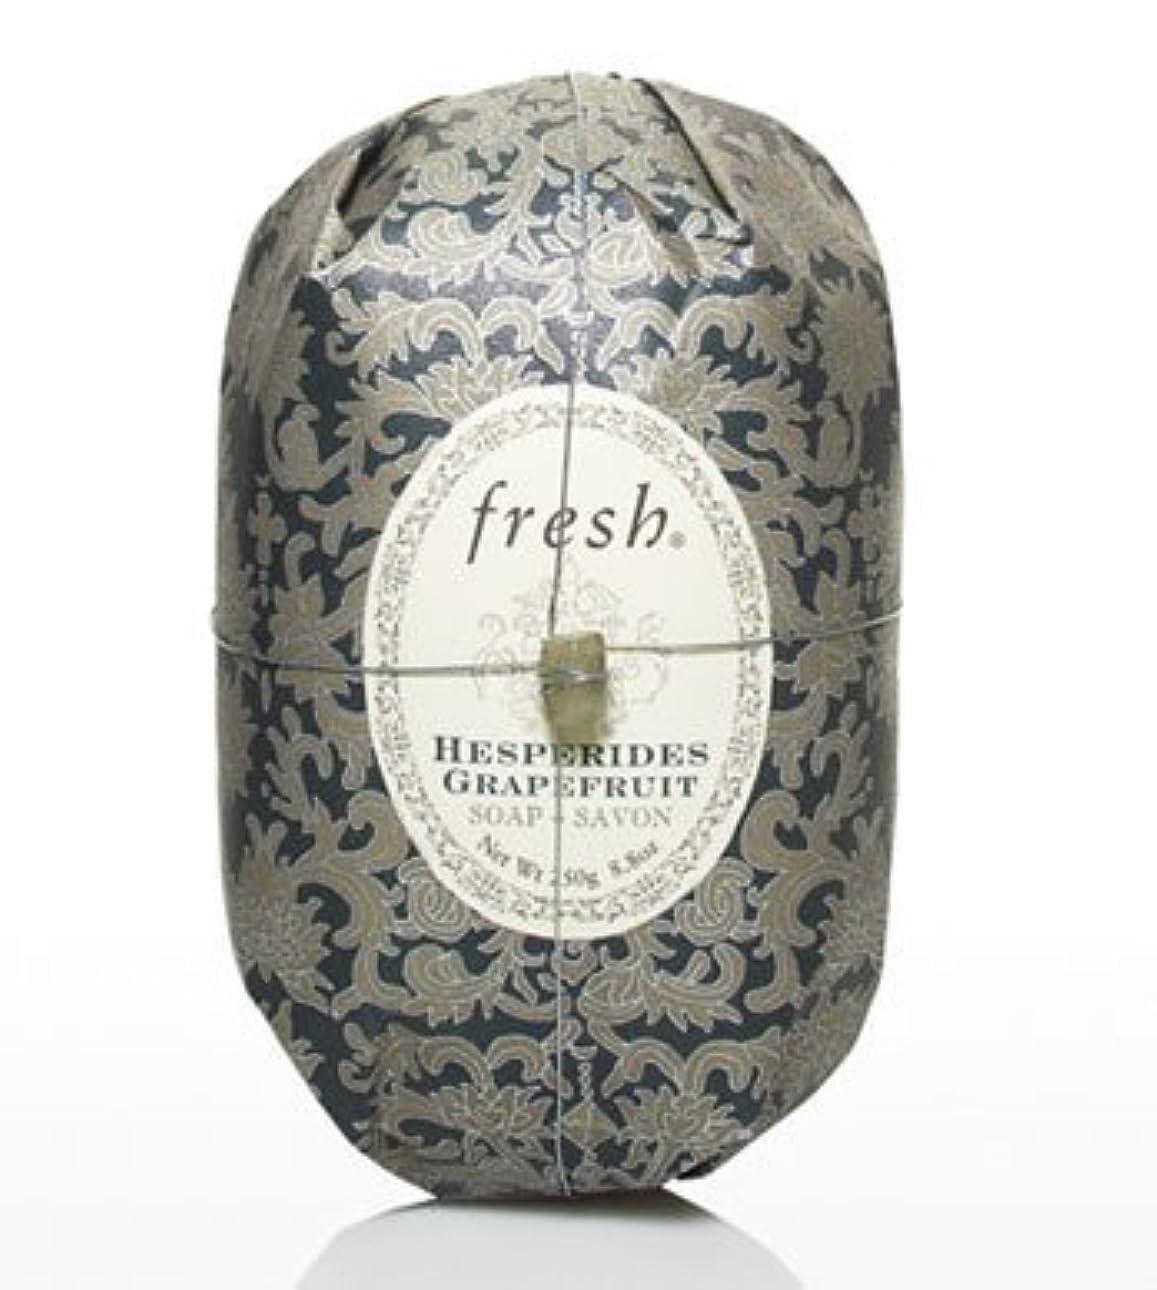 転送実験的妨げるFresh HESPERIDES GRAPEFRUIT SOAP (フレッシュ ヘスペリデス グレープフルーツ ソープ) 8.8 oz (250g) Soap (石鹸) by Fresh